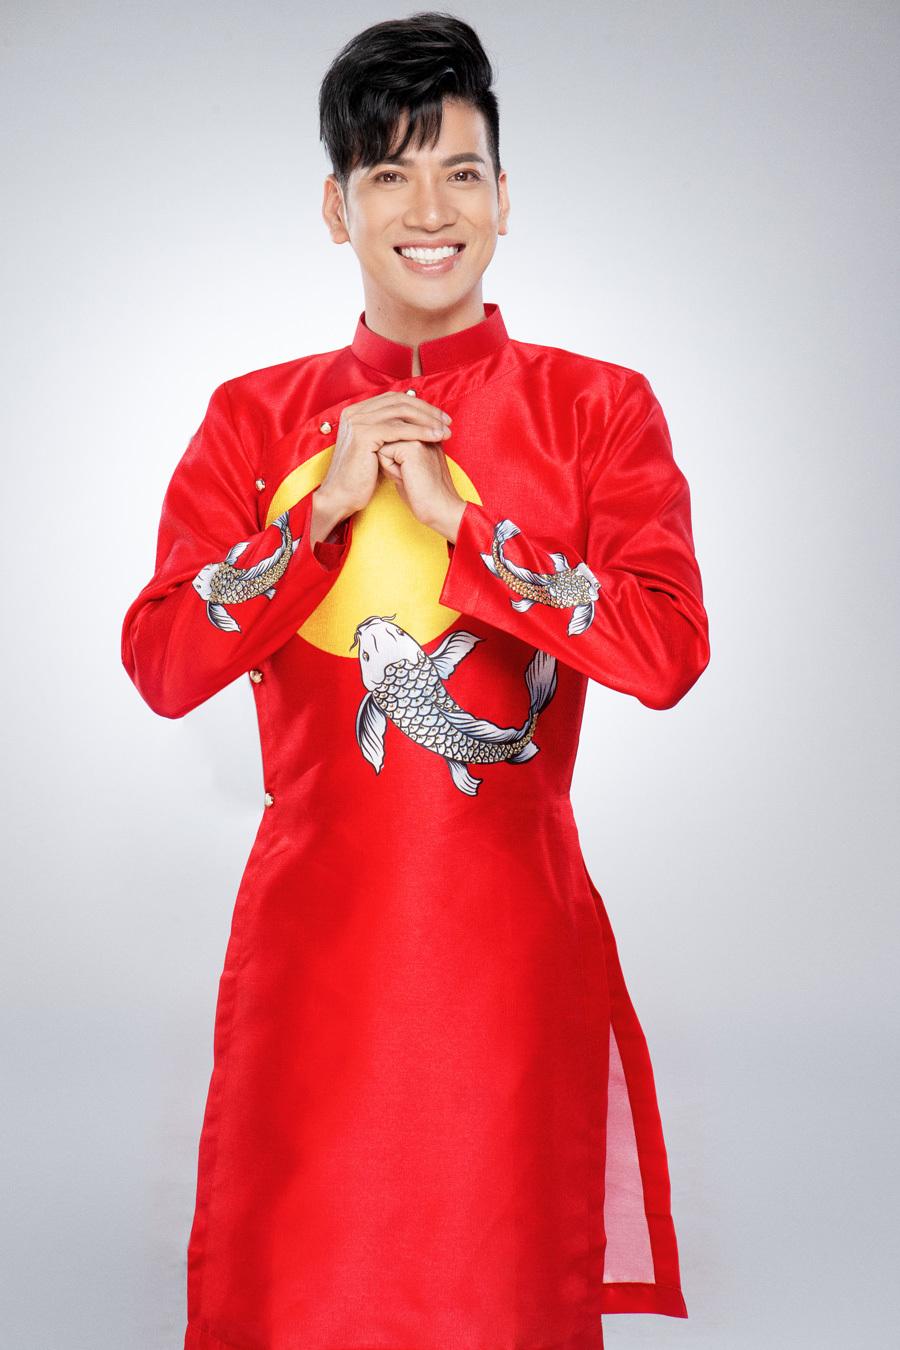 Trần Nguyên Thắng